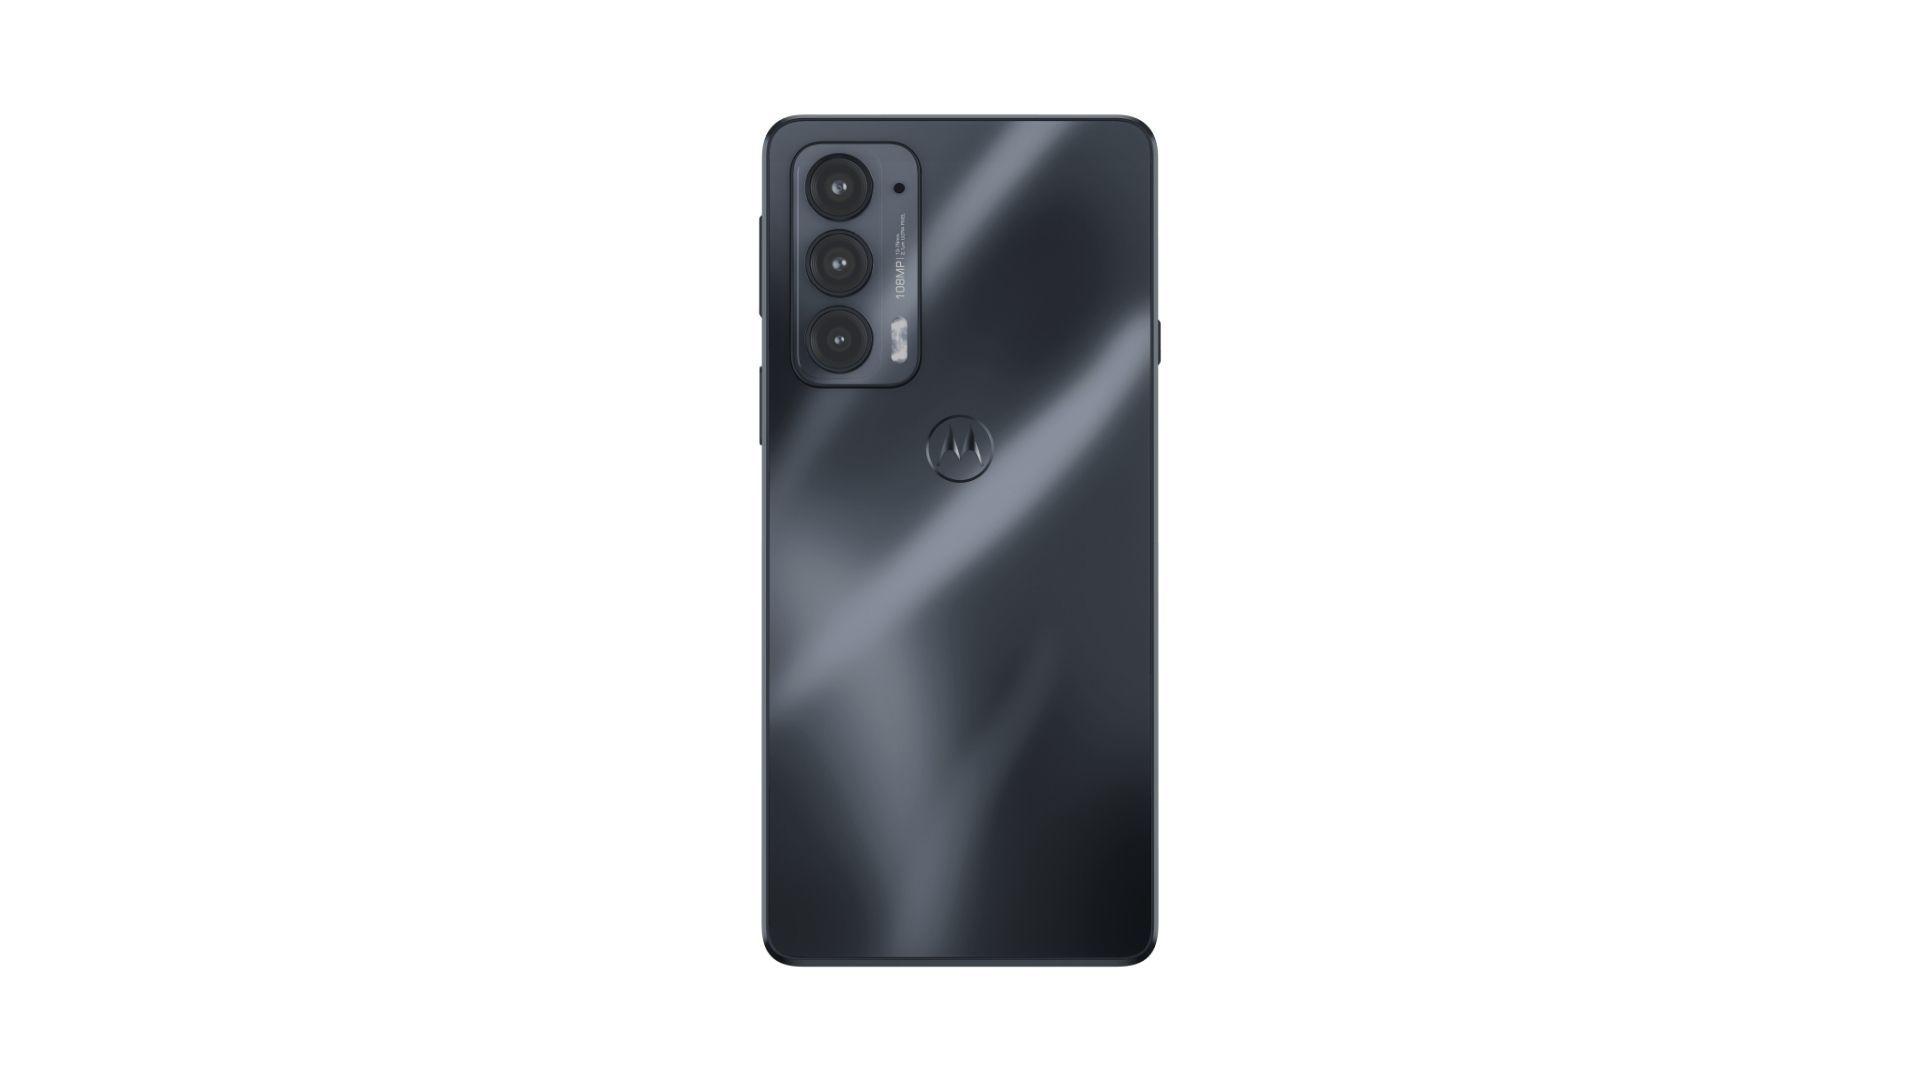 Parte traseira do Motorola Edge 20